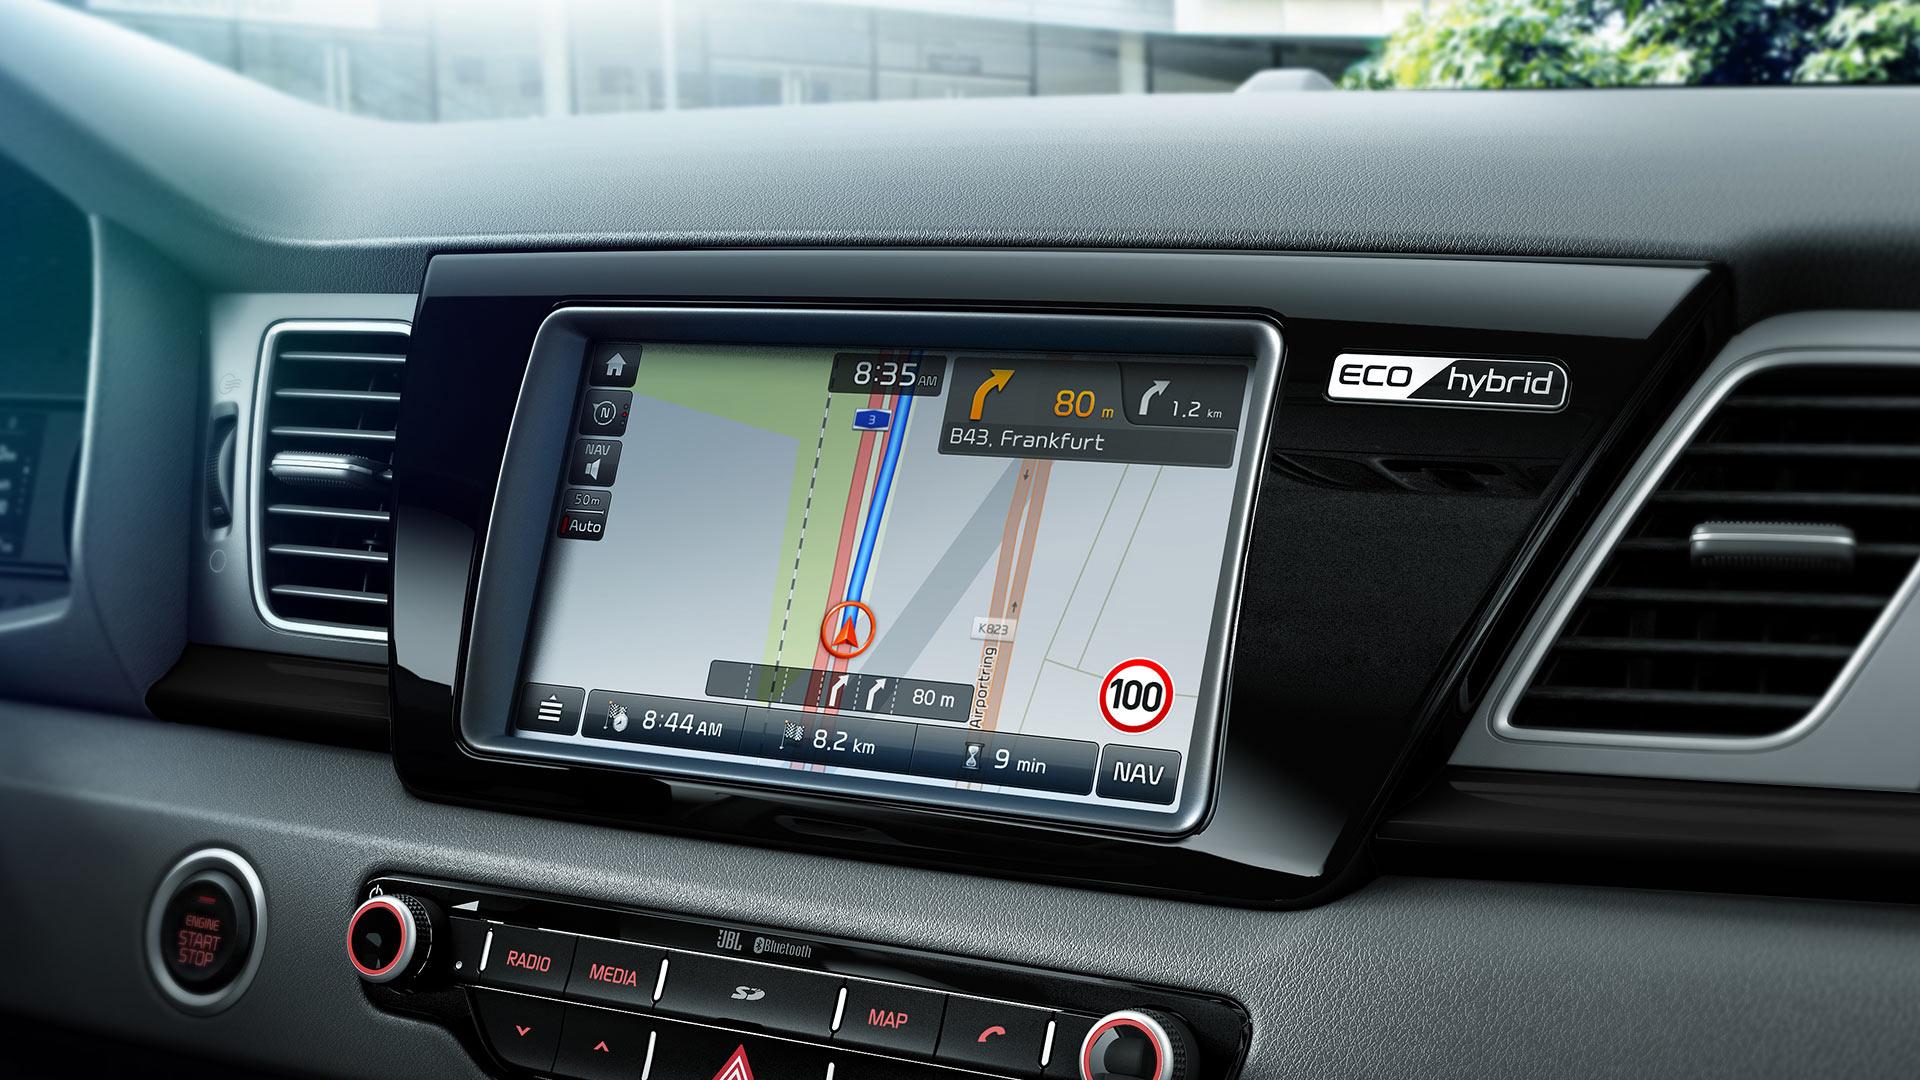 De_exm1_navigation-system_1920x1080